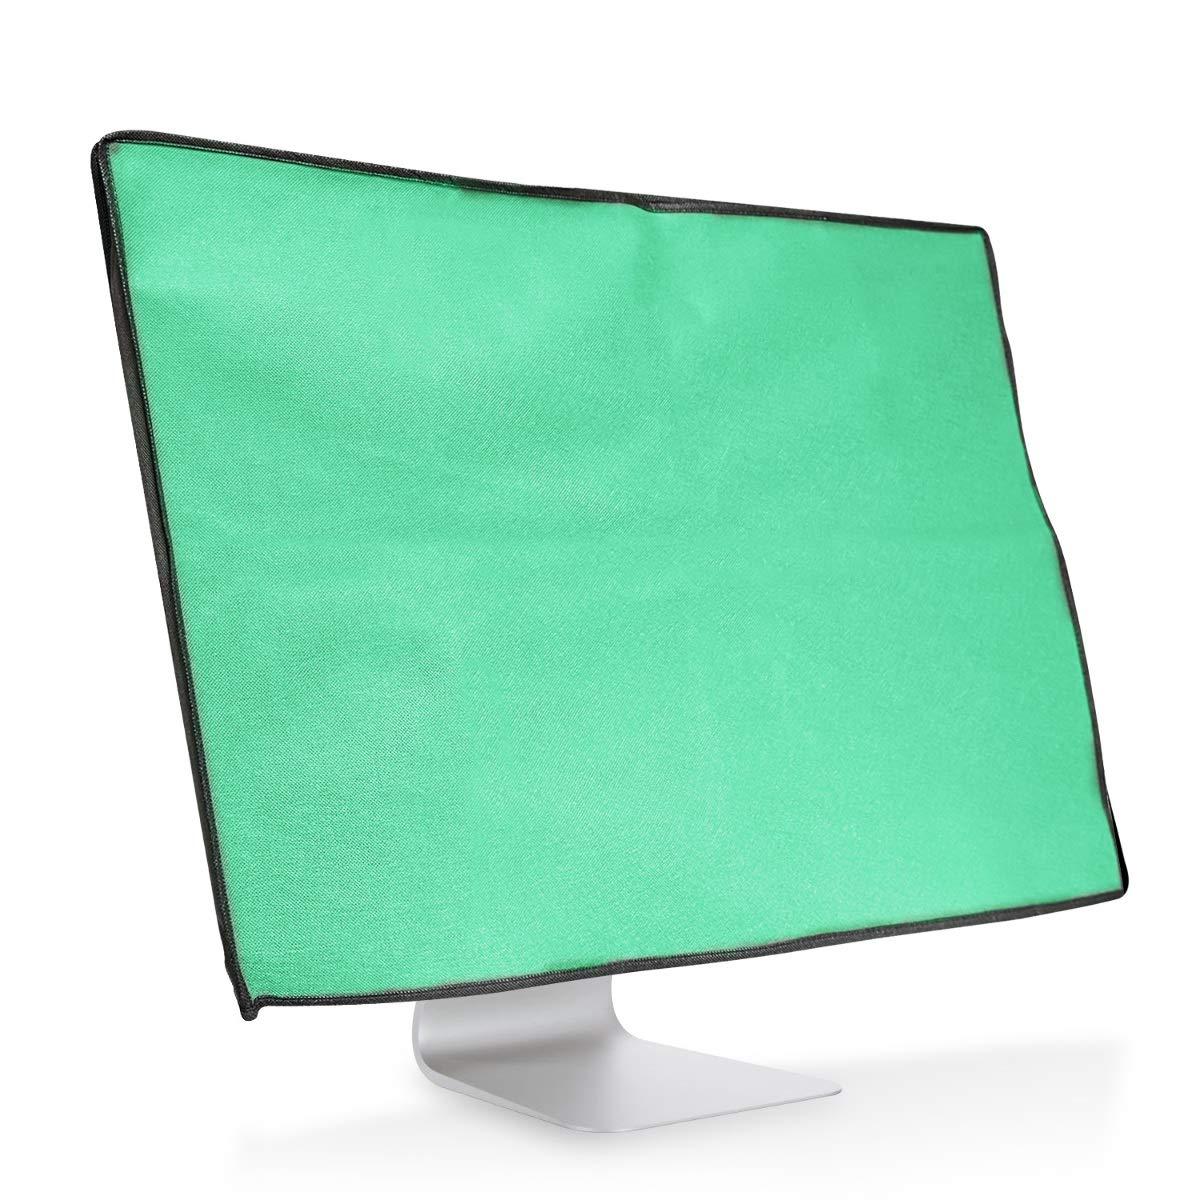 kwmobile 24-26' Monitor Cover - Protezione per Monitor Antipolvere per Schermo PC - Custodia Protettiva per 24-26' Monitor KW-Commerce 42629.71_m001132